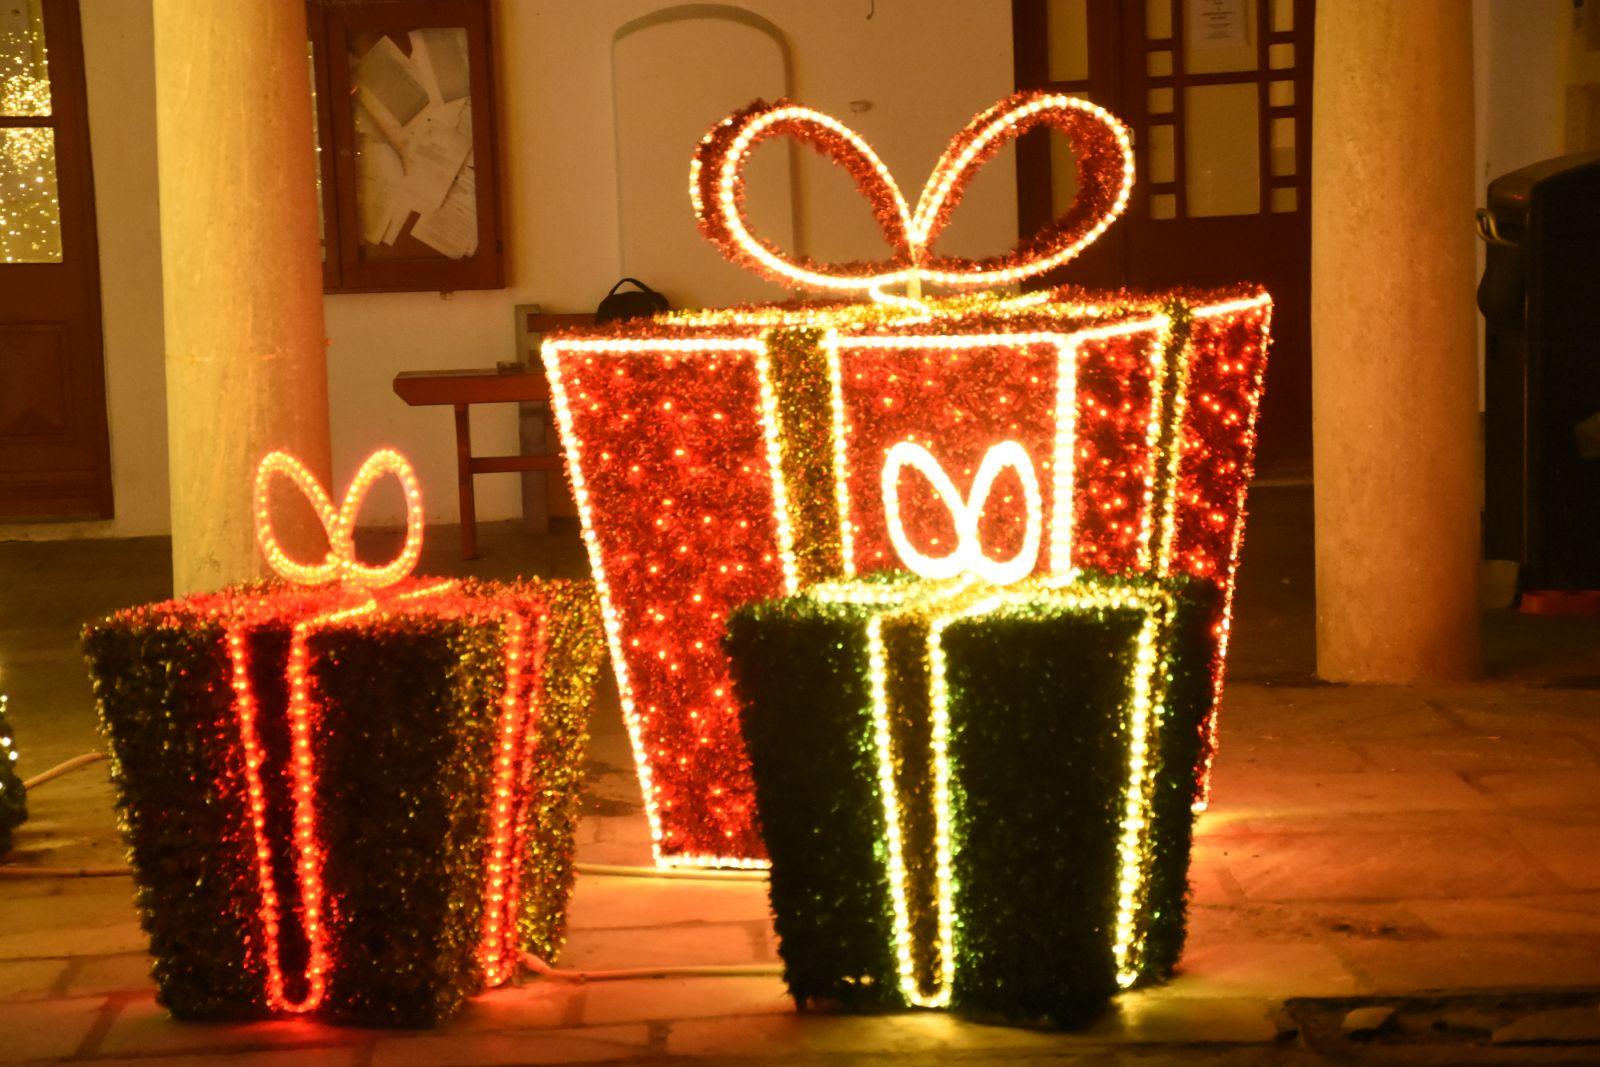 Ρεβεγιόν με συγκεκριμένο SMS για μετακίνηση τα Χριστούγεννα και την Πρωτοχρονιά